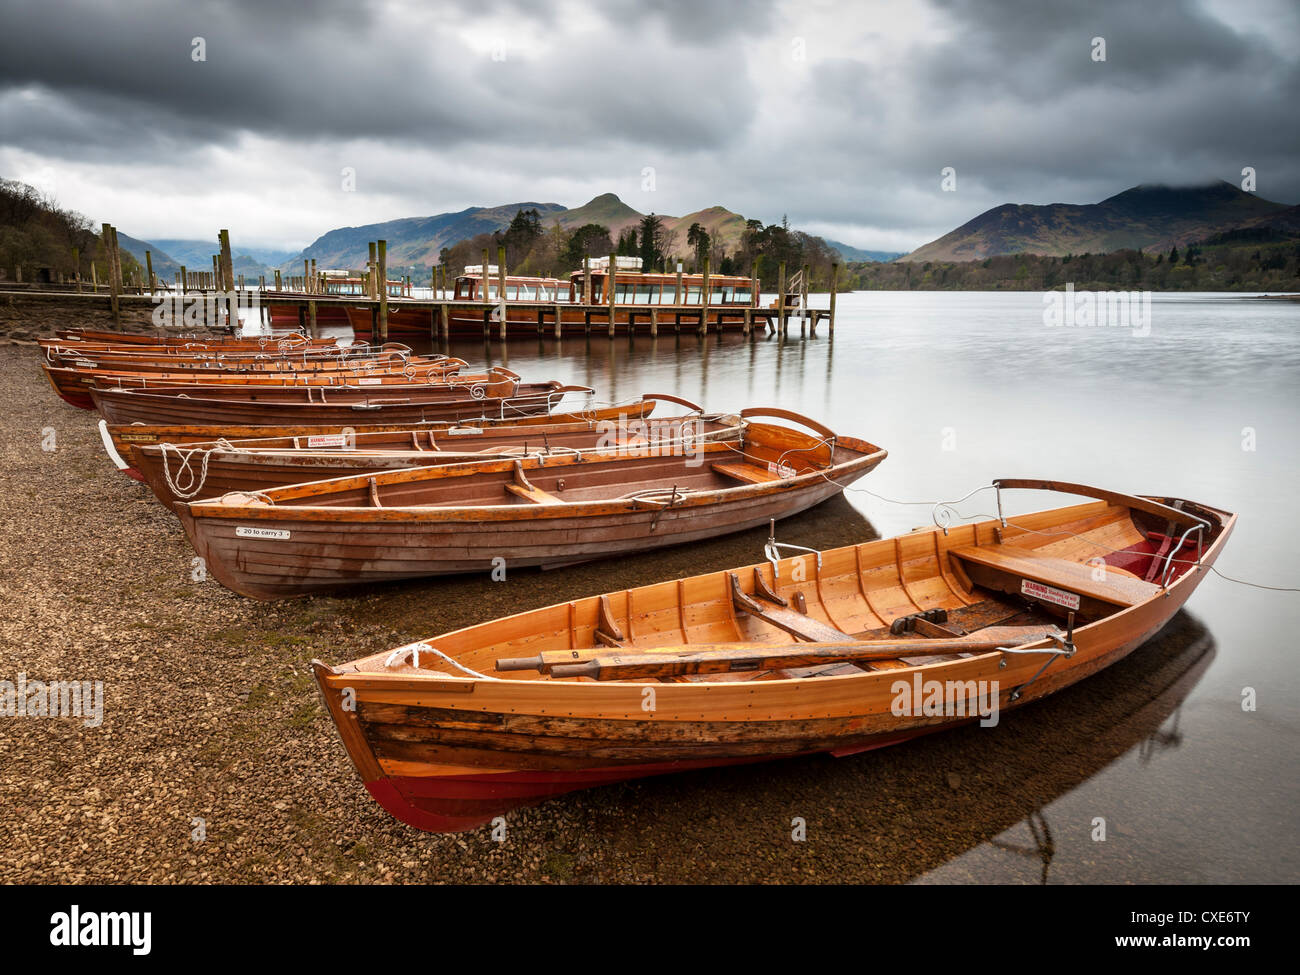 Keswick lancio barche, Derwent Water, Parco Nazionale del Distretto dei Laghi, Cumbria, Inghilterra Immagini Stock